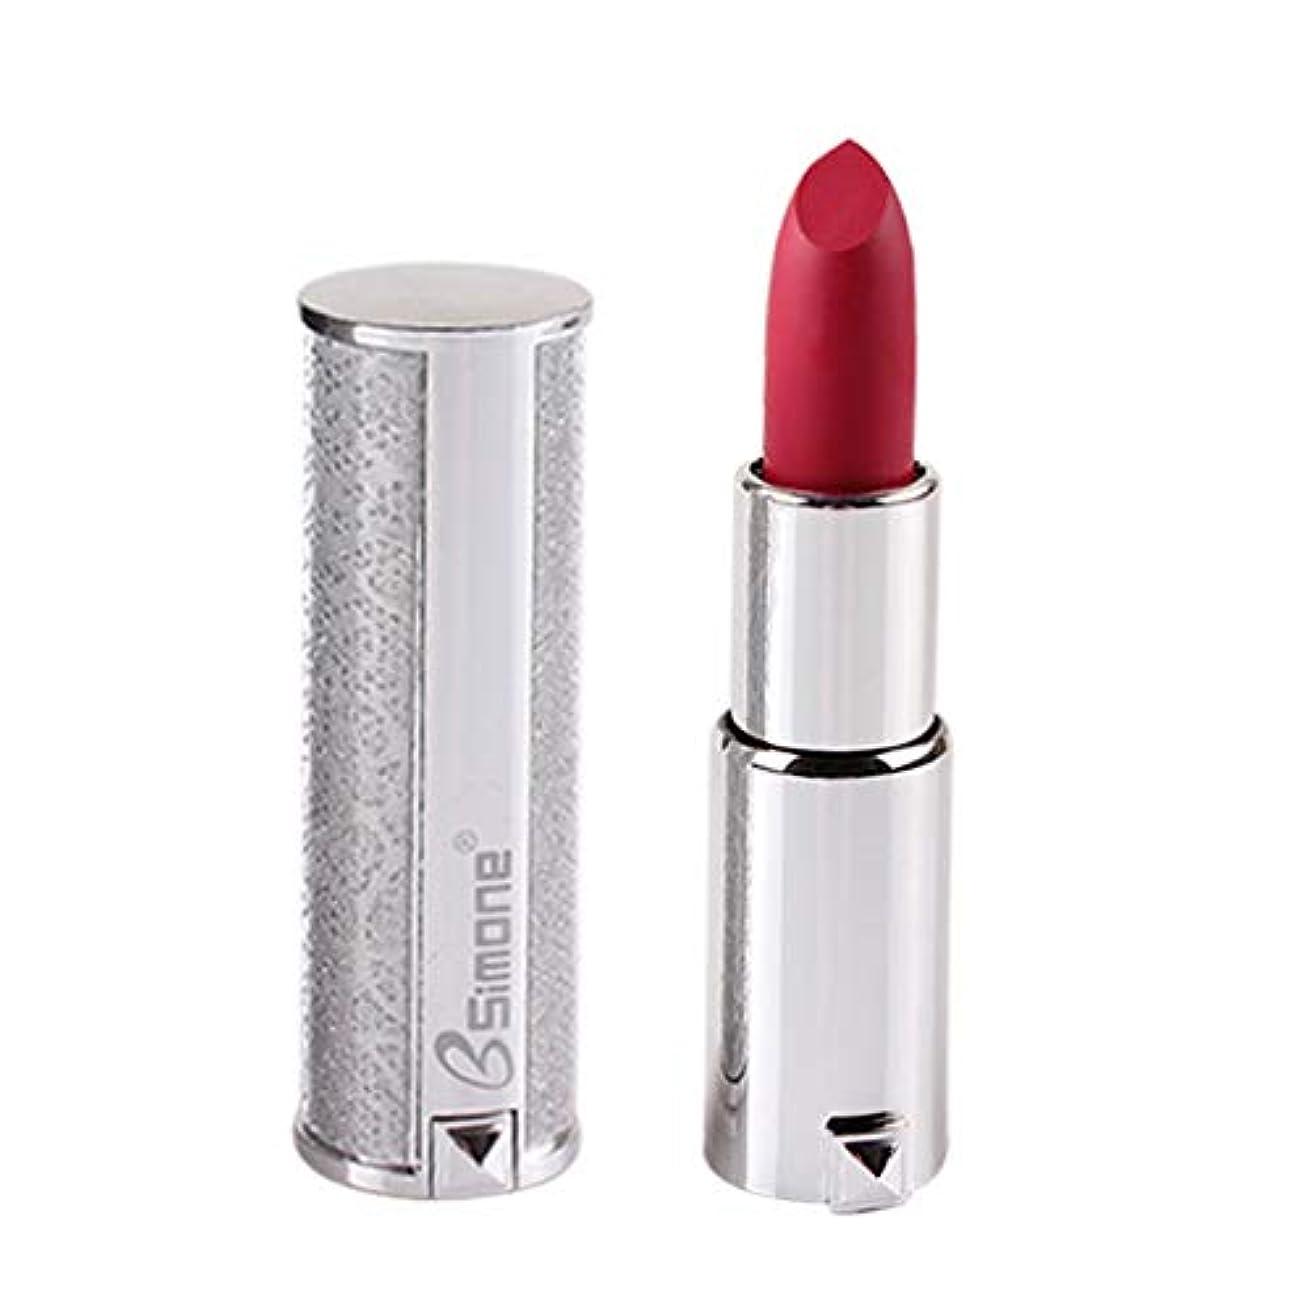 通行料金逃れる強盗銀製の口紅の保湿剤のビロードの金属の口紅の化粧品の美の構造